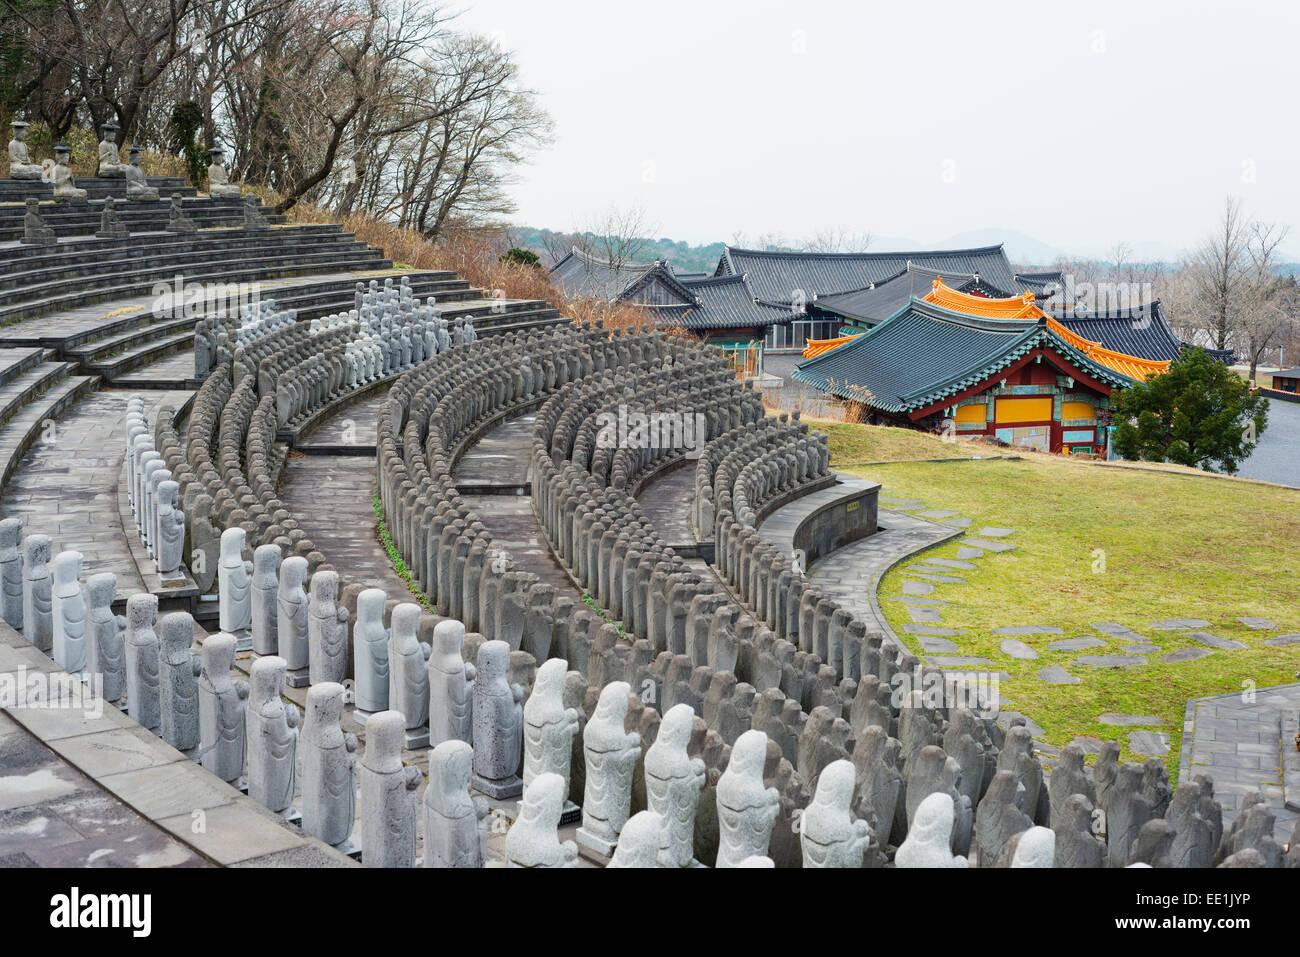 Statues, Gwaneumsa Temple Bouddhiste, l'île de Jeju, Corée du Sud, Asie Photo Stock